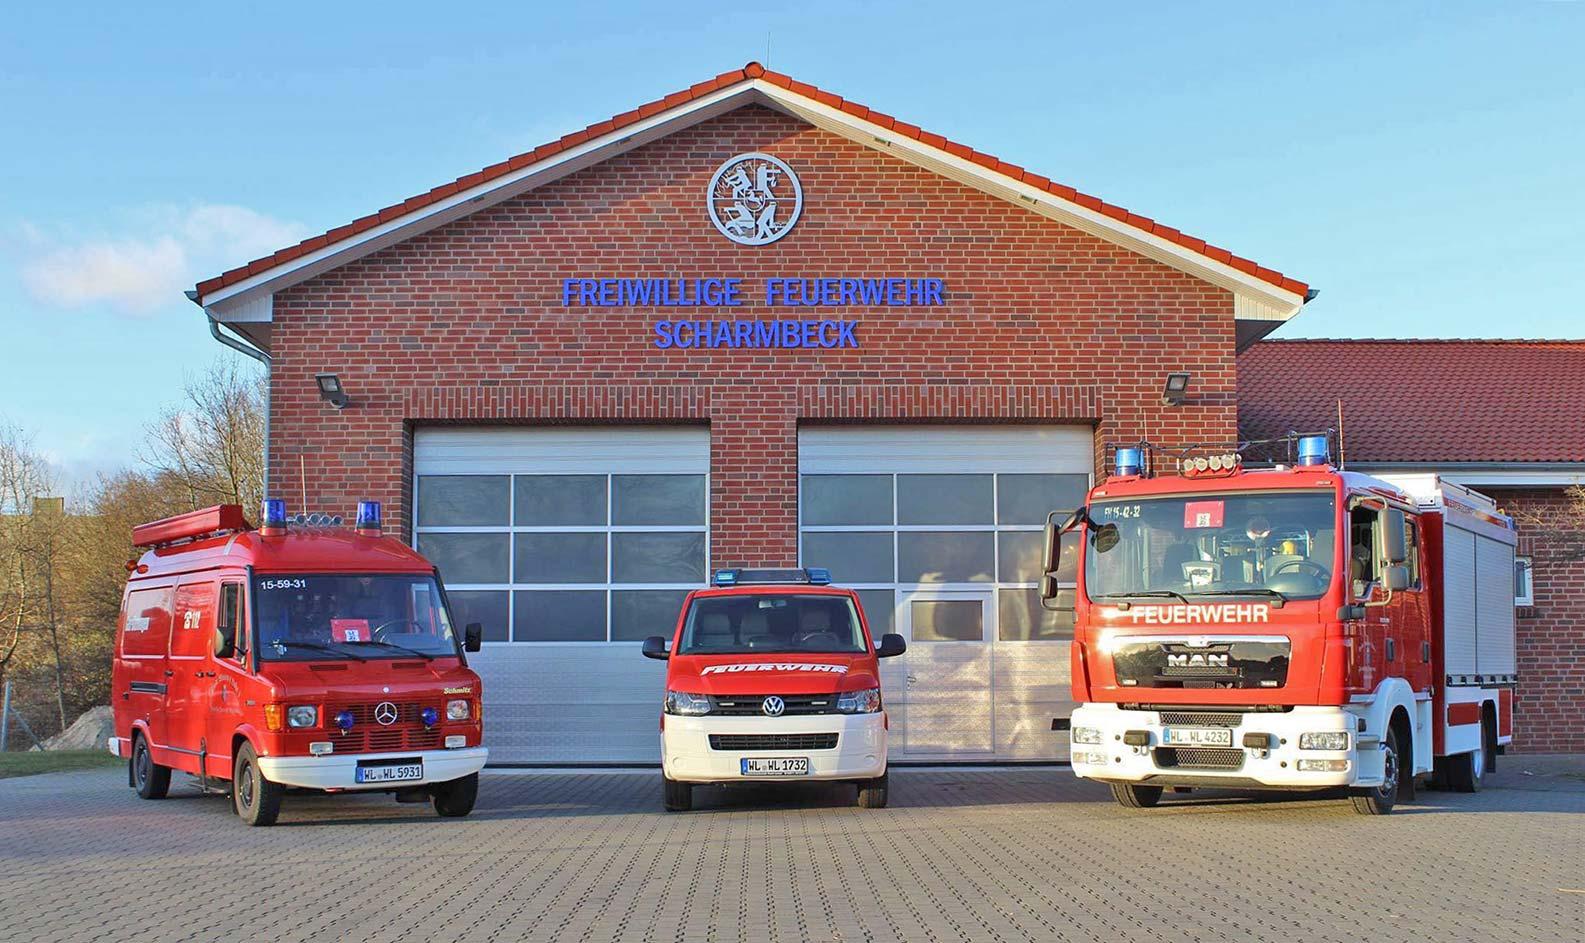 Freiwillige Feuerwehr Scharmbeck